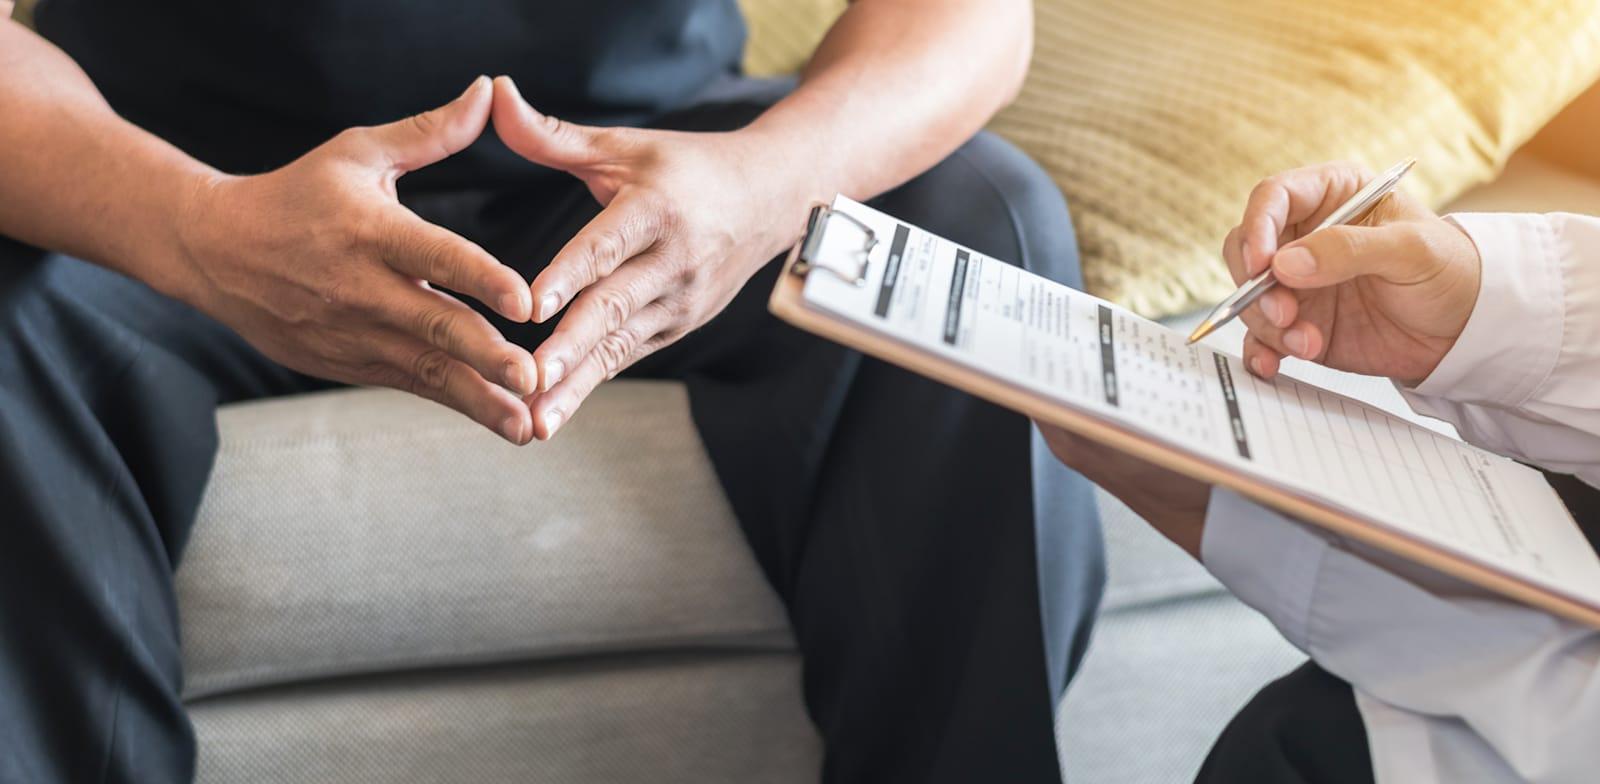 עוד לפני הקורונה עמדה המתנה ממוצעת לטיפול נפשי במערכת הציבורית על כ-200 ימים / צילום: Shutterstock, Chinnapong